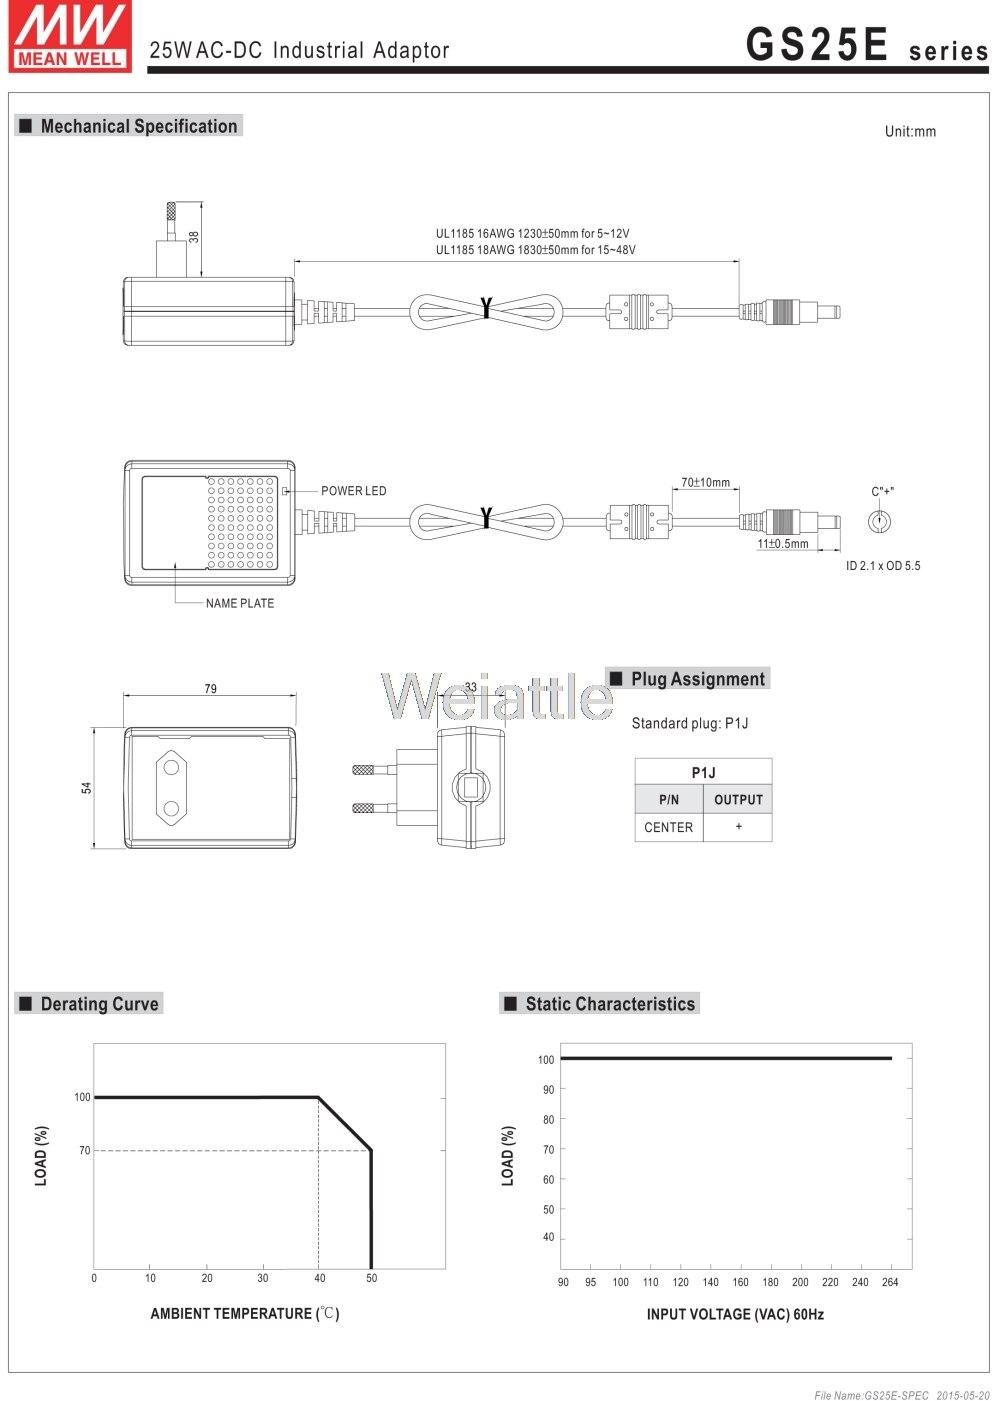 MW Mean Well GS18E12-P1J 12V 1.5A 18W AC-DC Green Industrial Adaptor